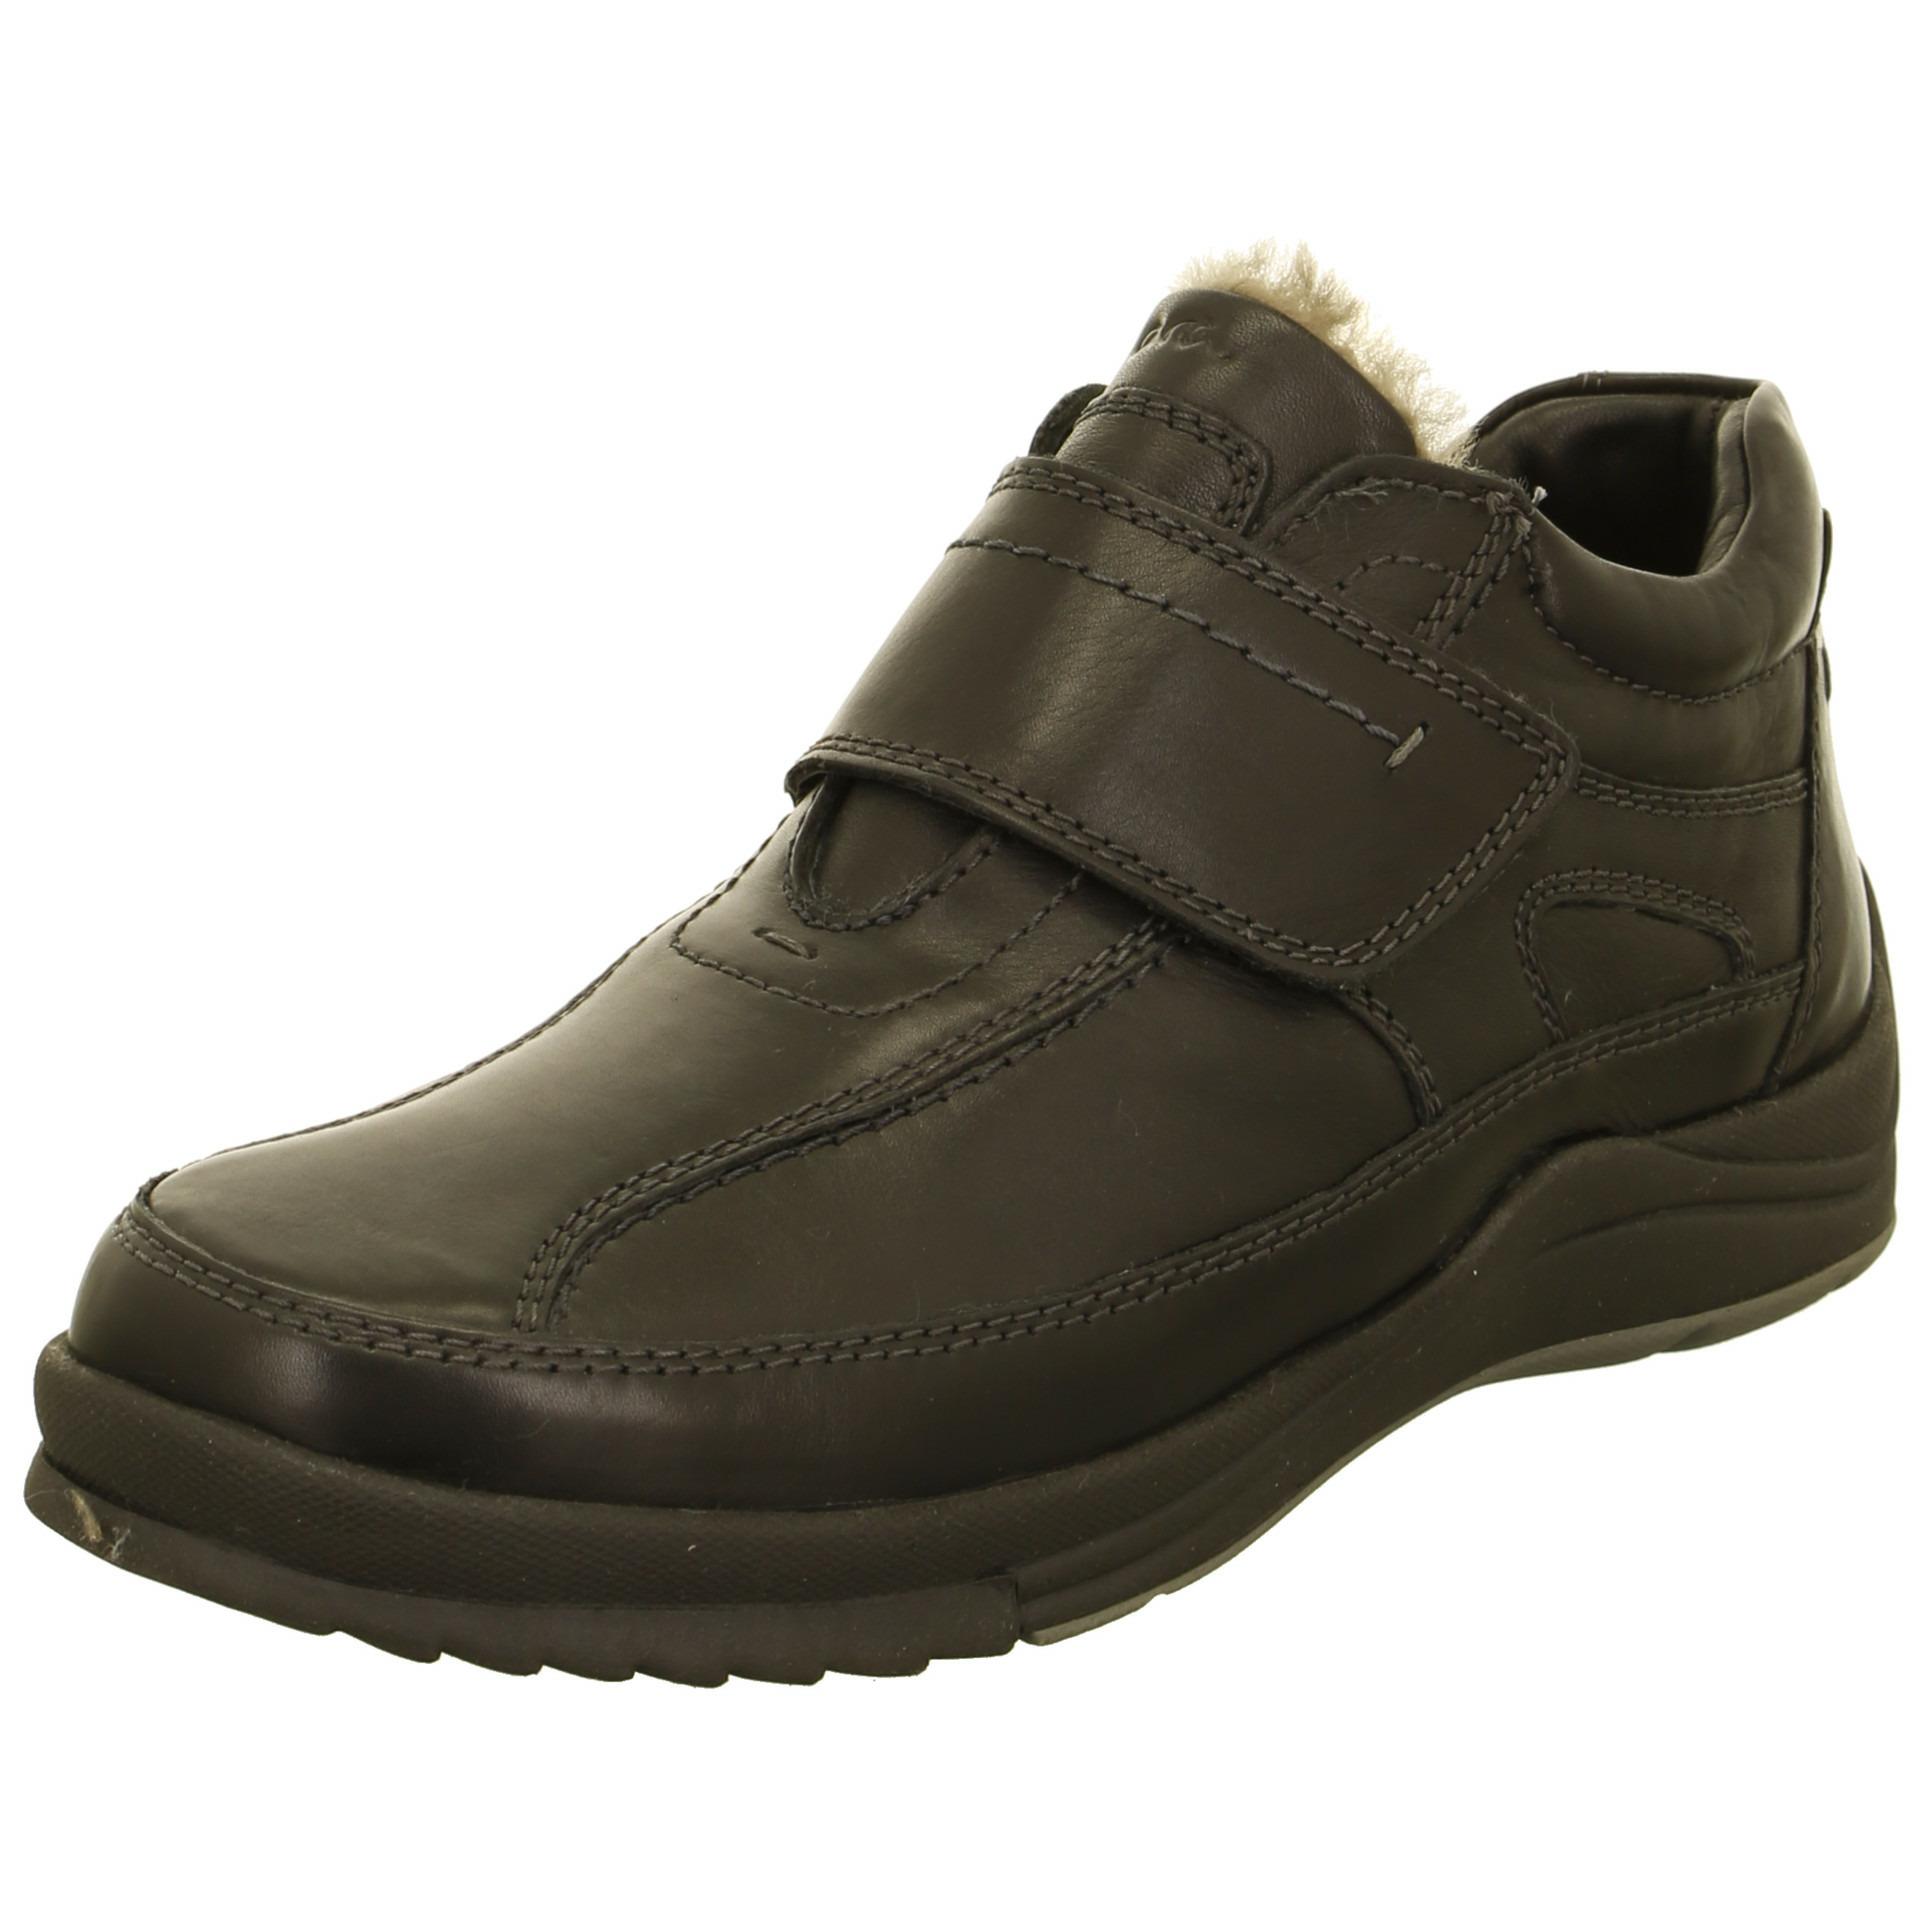 Soňa - Pánska obuv - Zimná - Pánska obuv členková značky Ara men 4a2dab99ff8